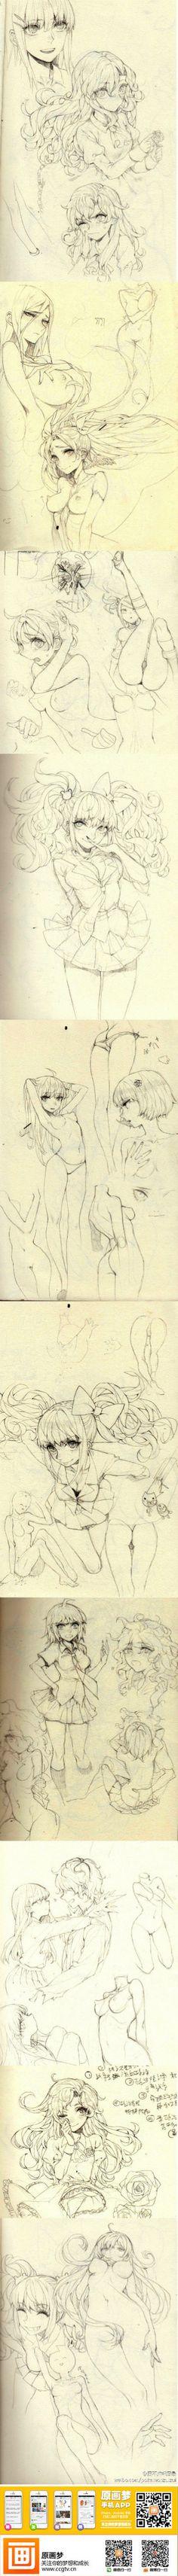 Chan筱的照片 - 微相册@植物系の小绿采集到手绘(1012图)_花瓣插画/漫画